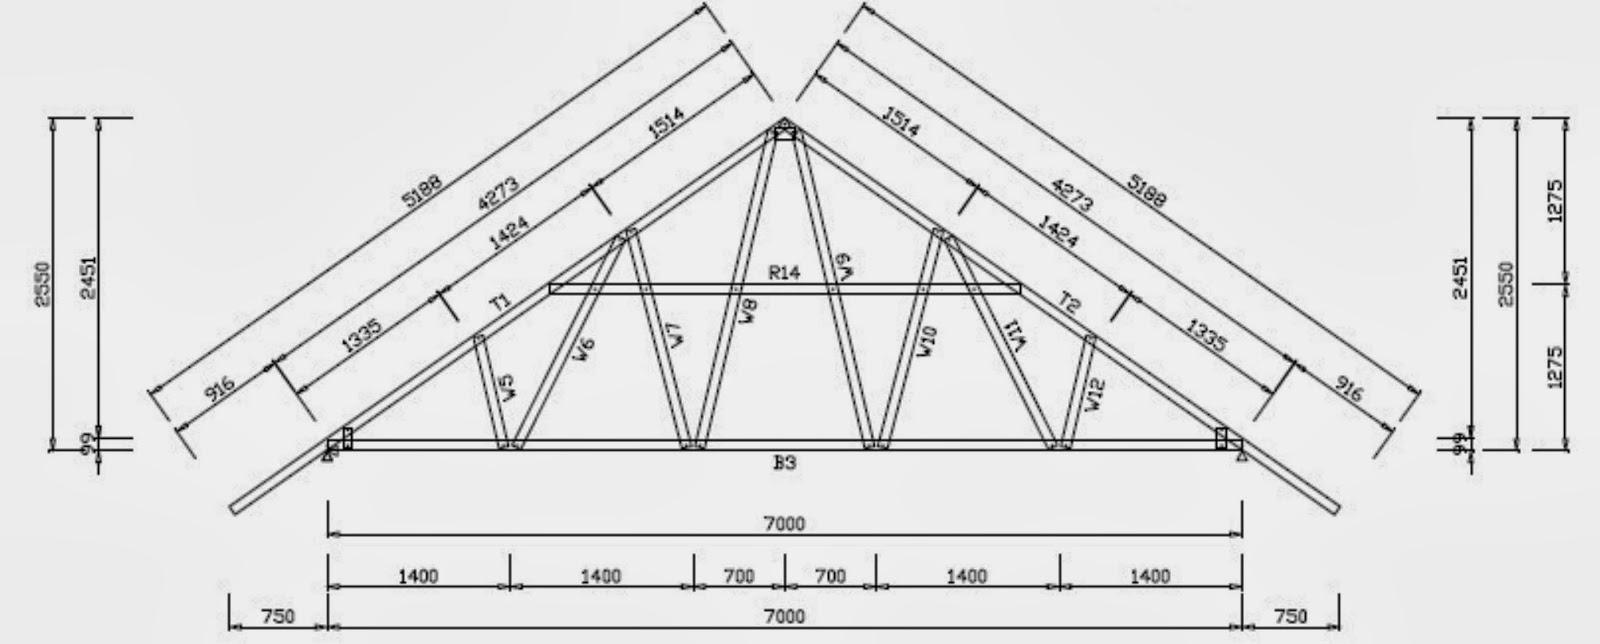 Jarak Kuda Baja Ringan Untuk Spandek Antar Kuda-kuda Bajaringan - Konstruksi Bangunan ...